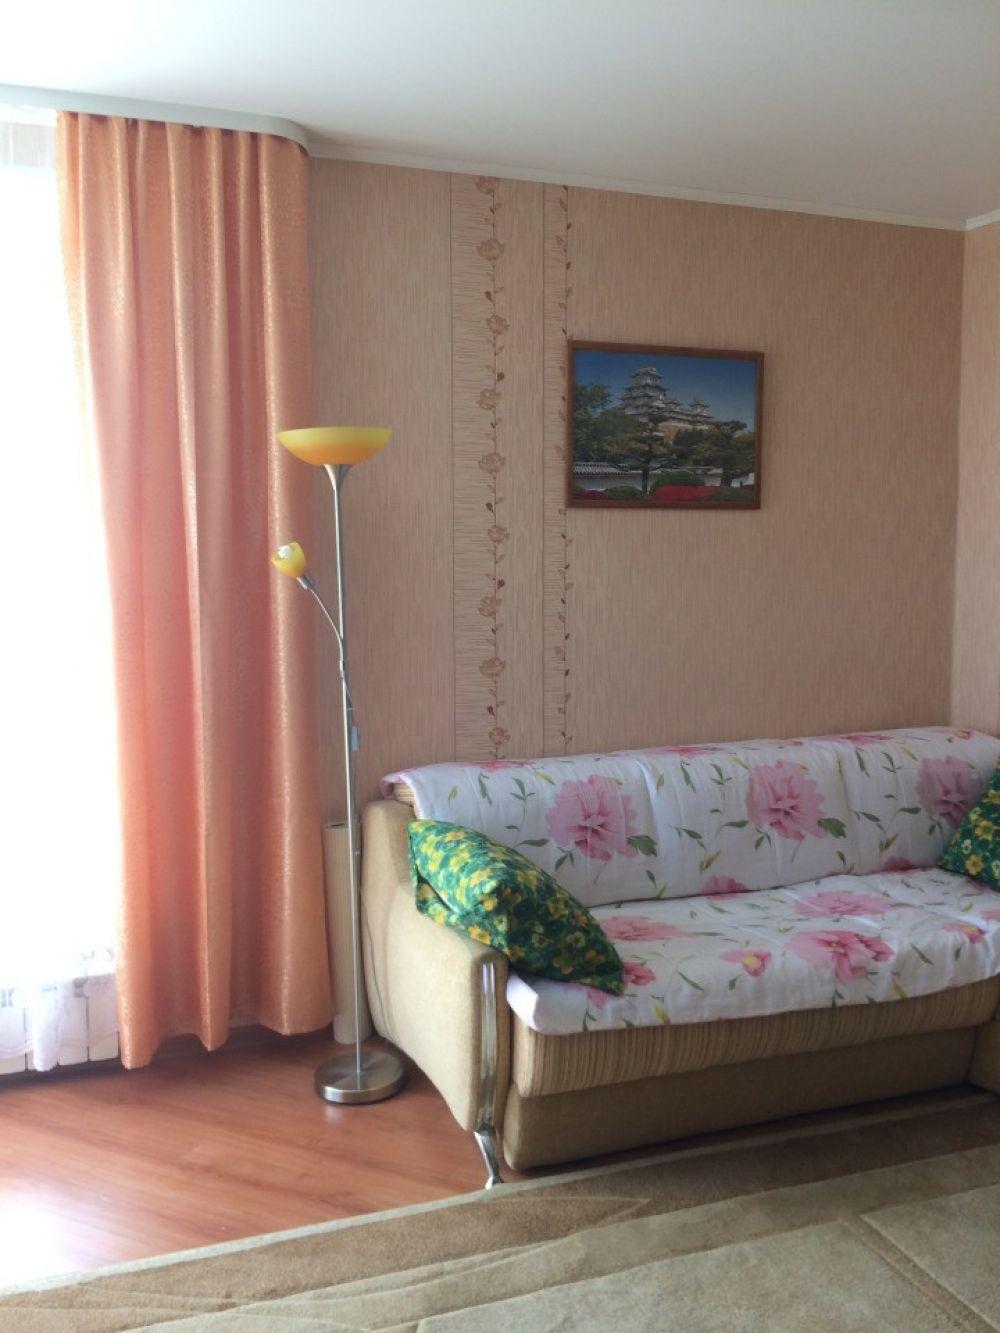 3-к квартира, Щелково, улица Шмидта, 6, фото 9